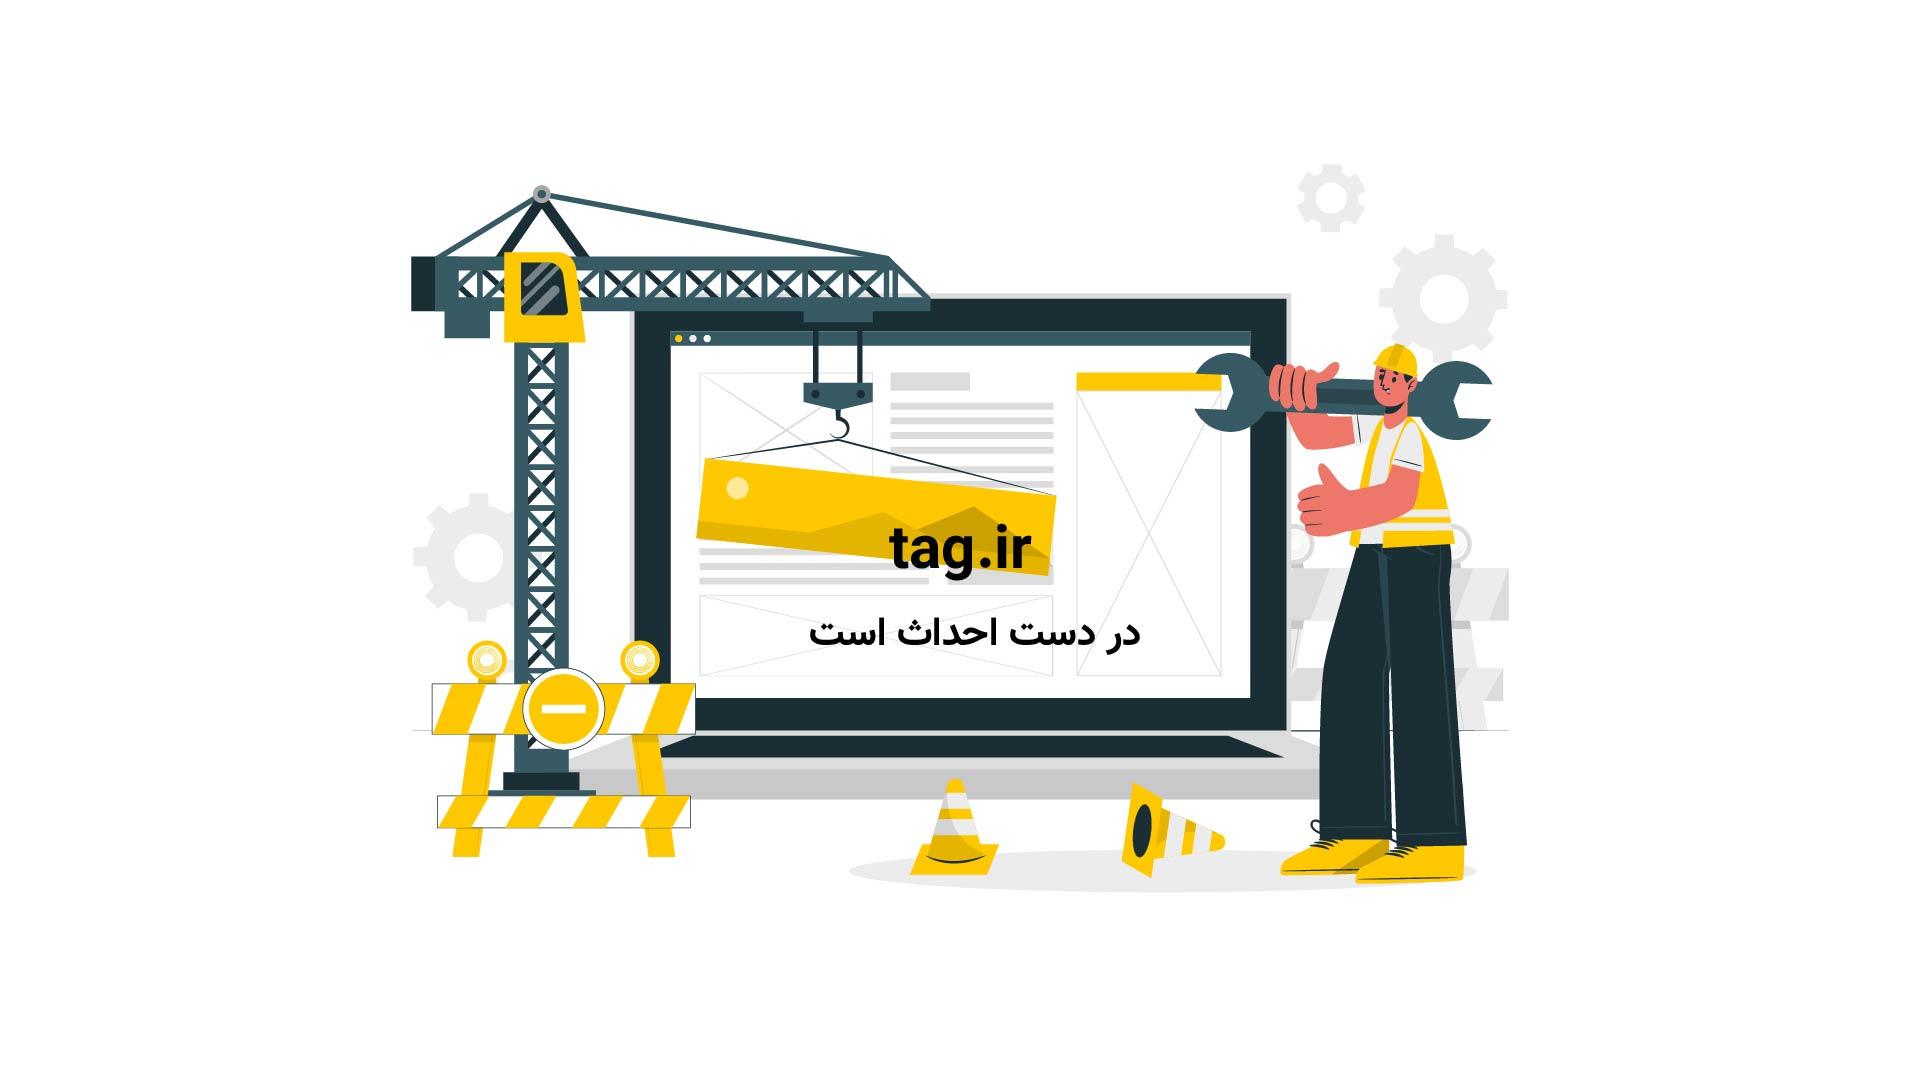 مروری تاریخی بر حذف تیم های بزرگ در جامهای حذفی گذشته + فیلم